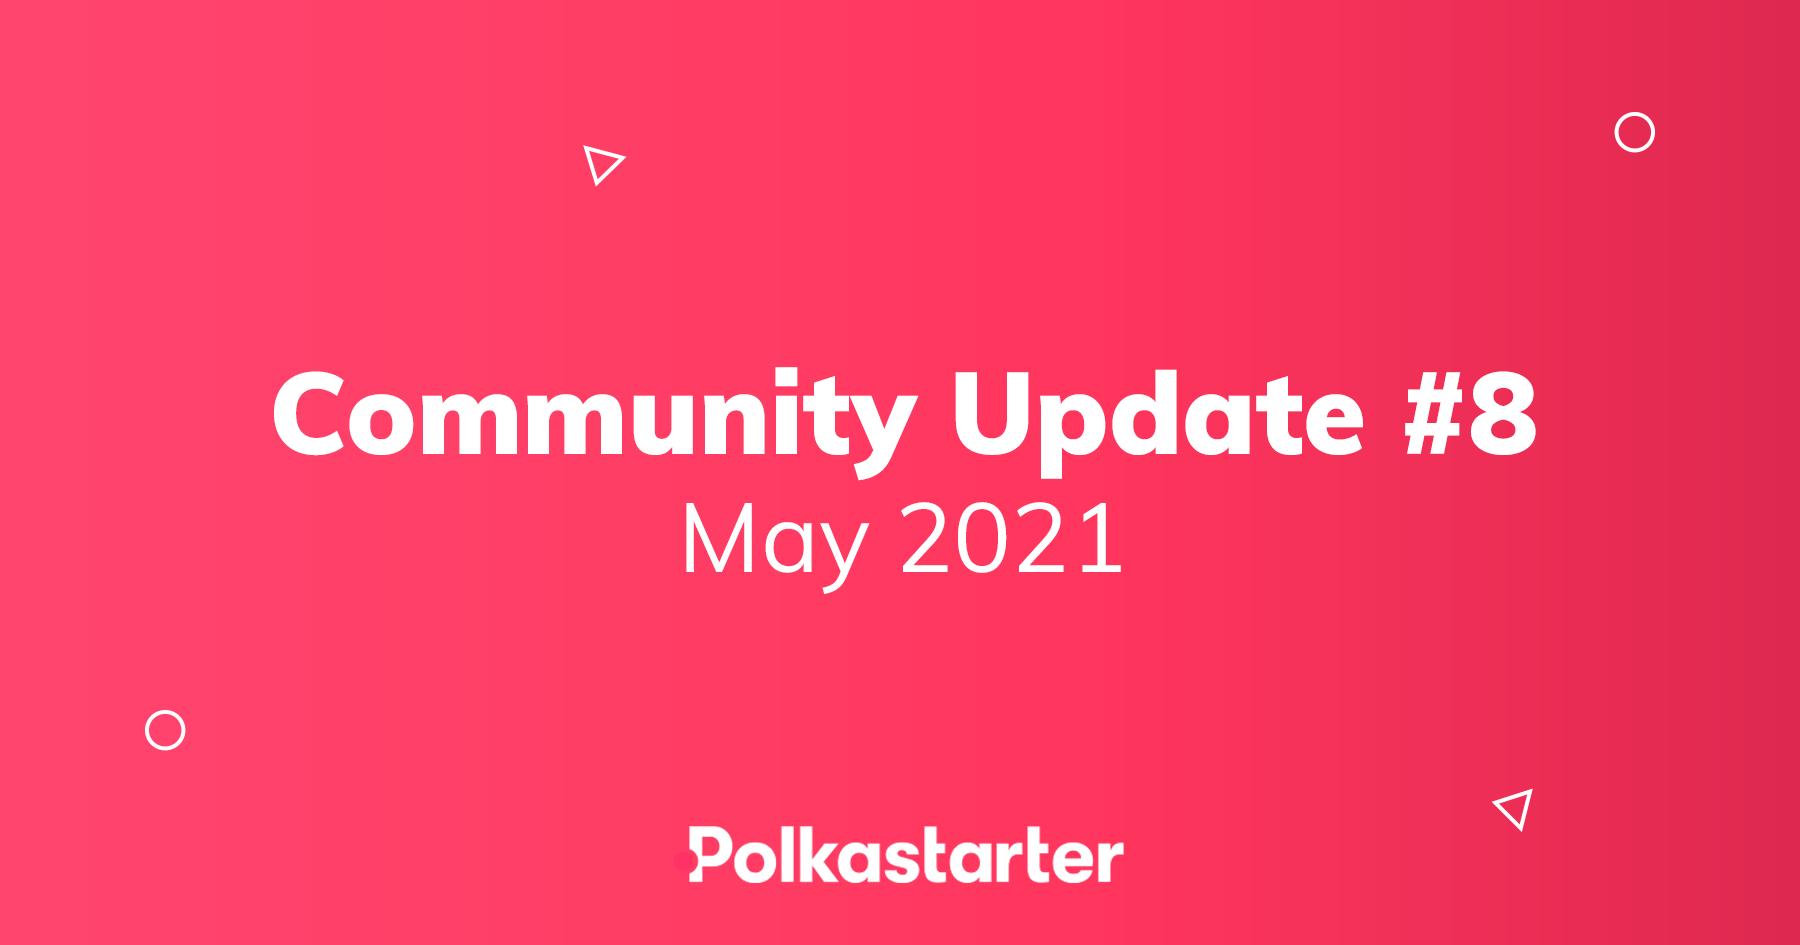 [PolkaStarter] Polkastarter Community Update #8 - May 2021 - AZCoin News